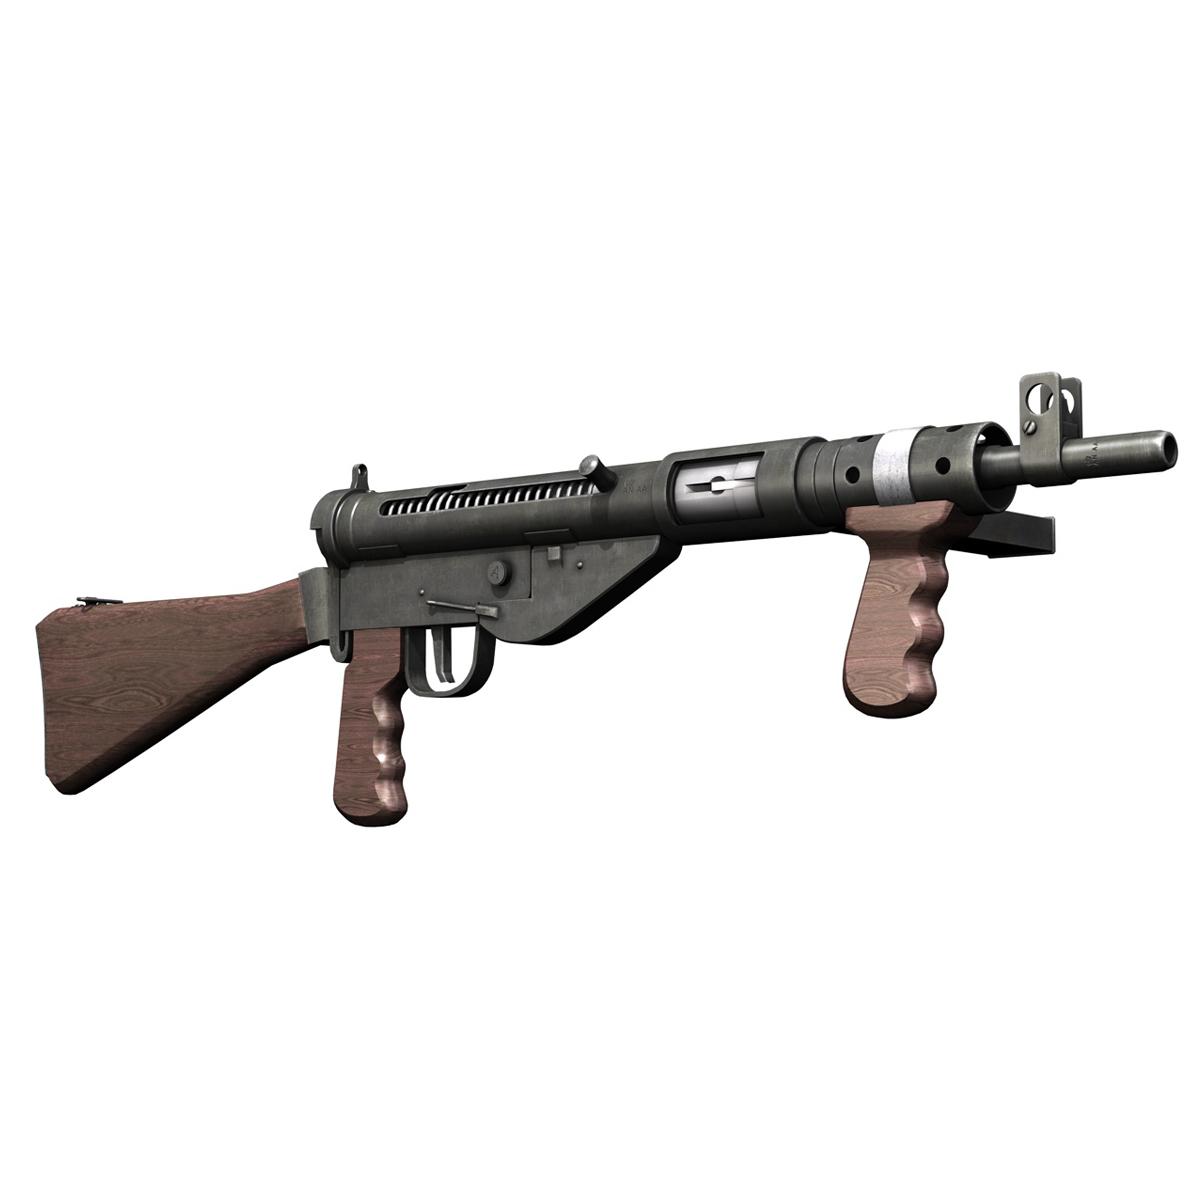 sten mk.v submachine gun 3d model 3ds fbx c4d lwo obj 195125